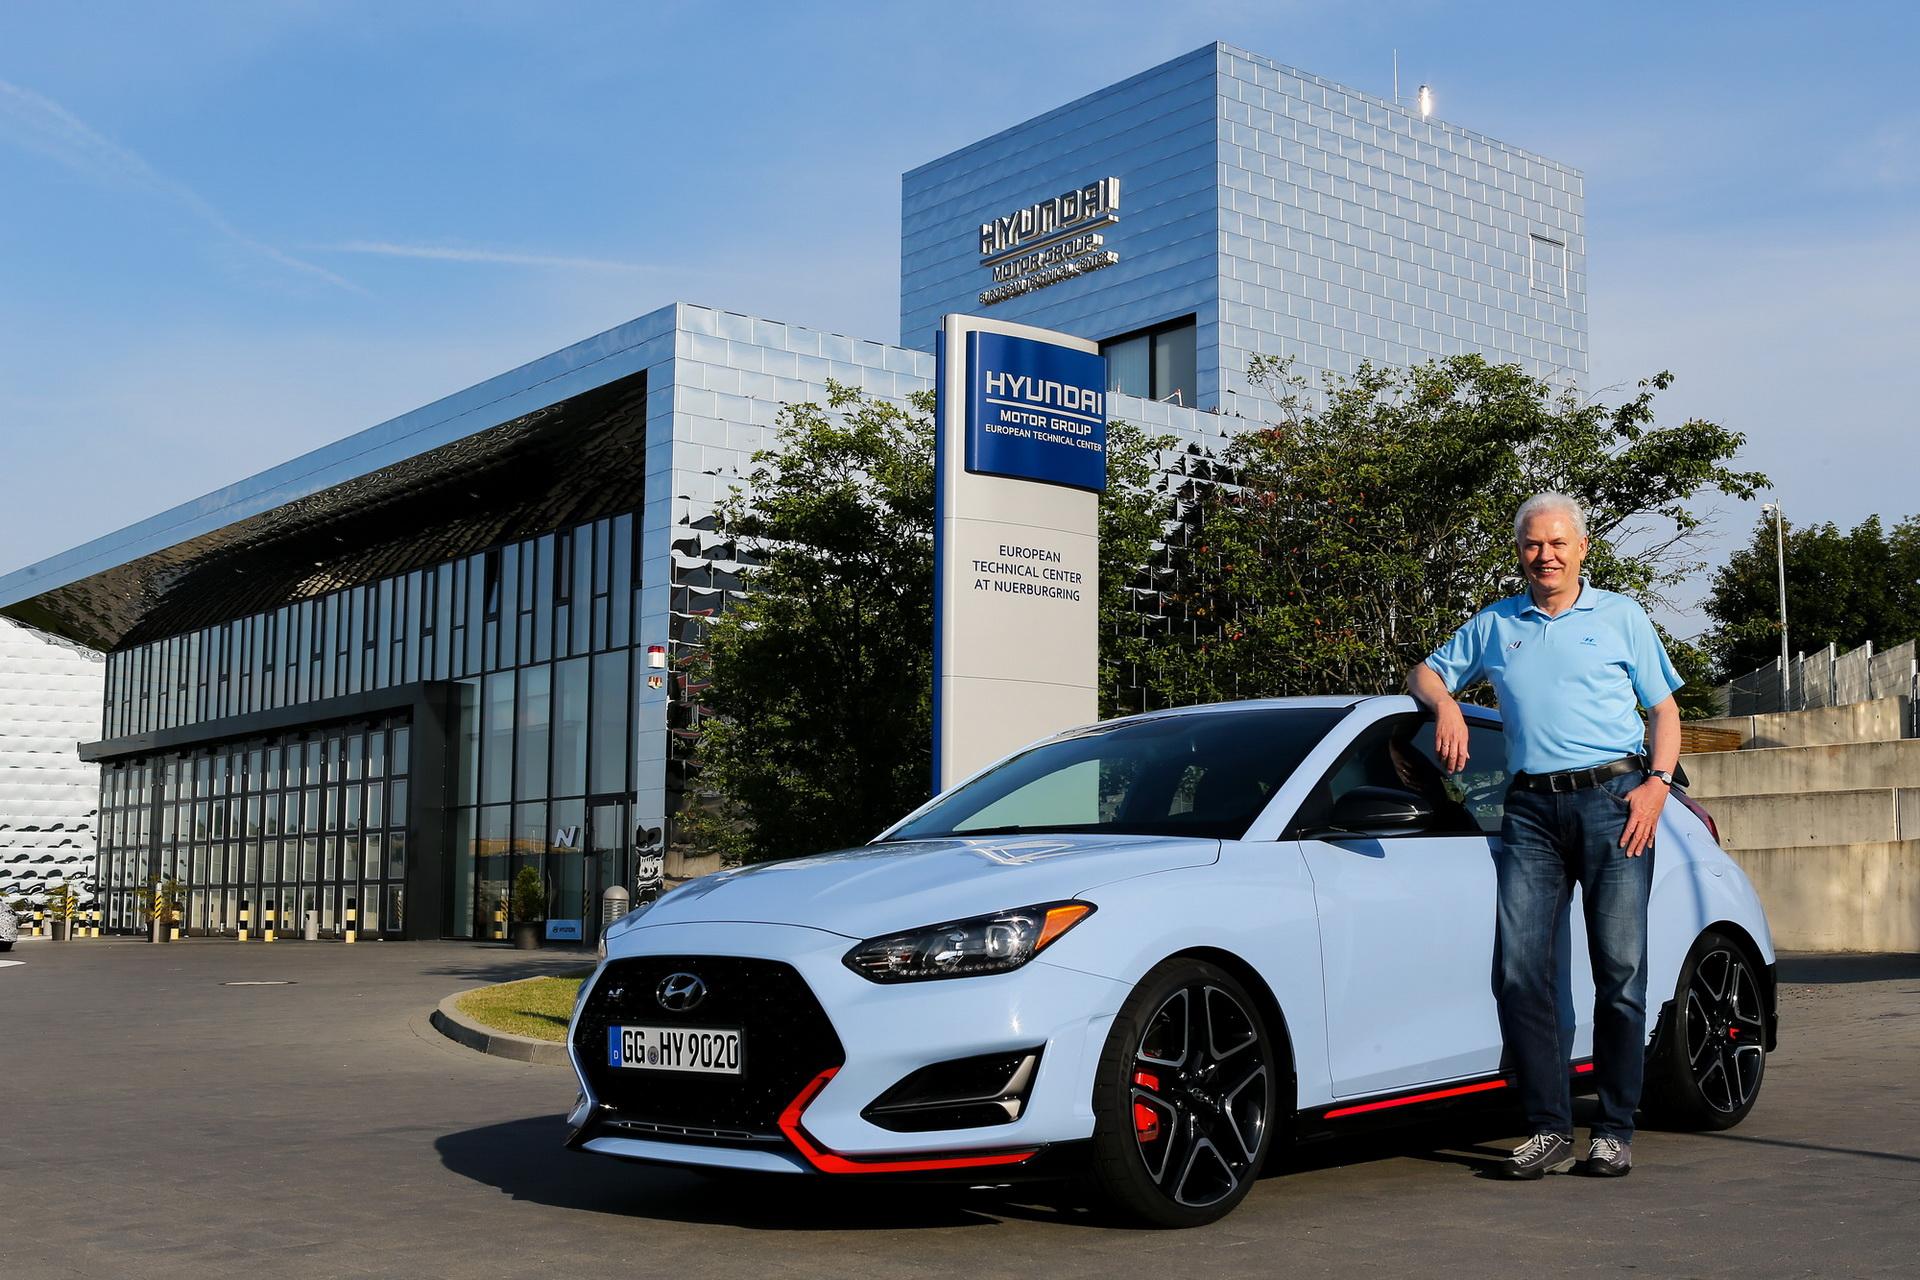 Albert Biermann promovido a patrão do Desenvolvimento da Hyundai